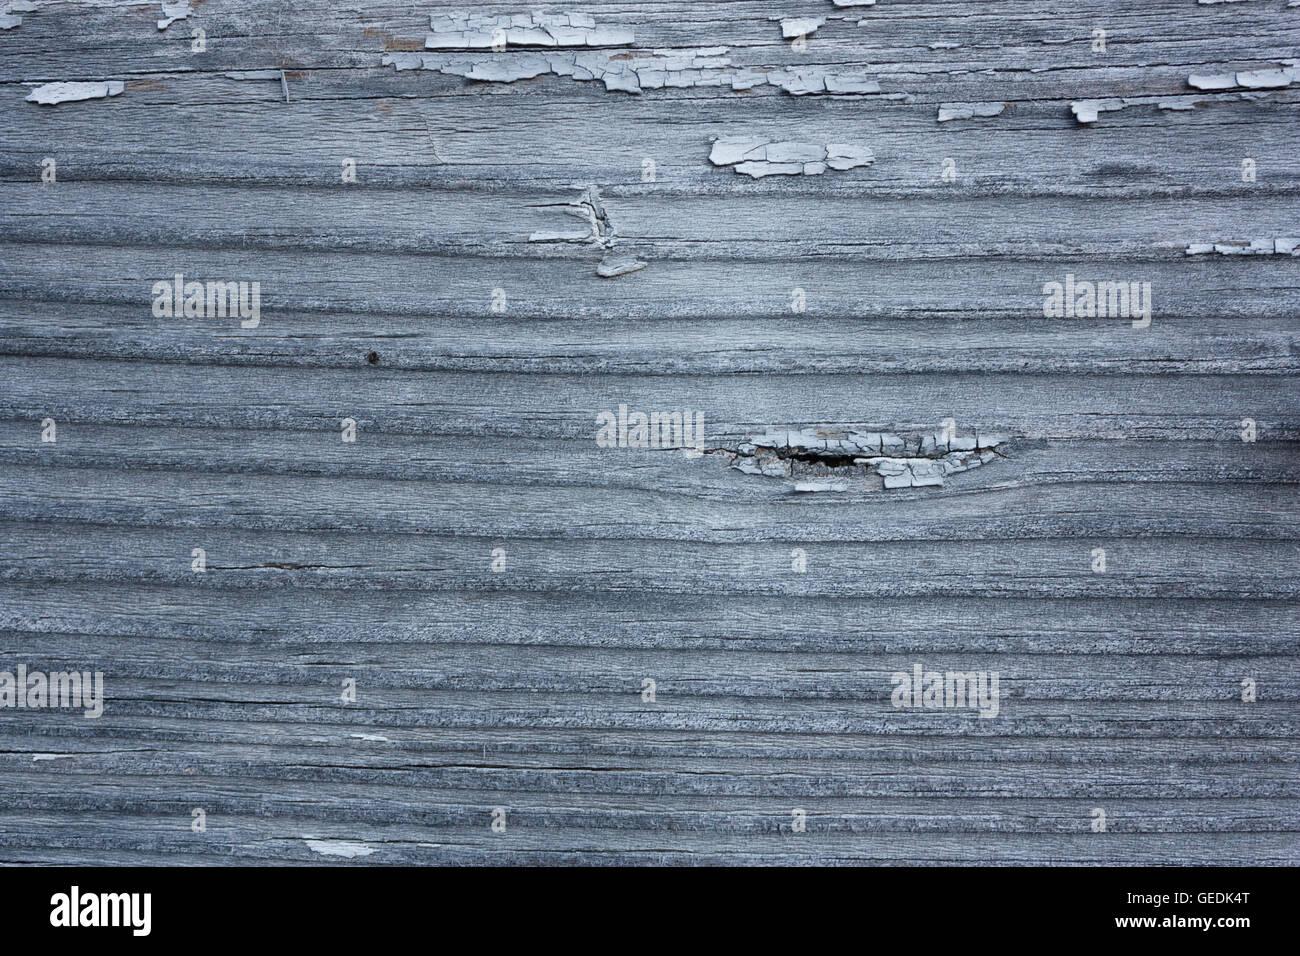 Graue Holzbrett mit abgeplatzte Farbe strukturierten Hintergrund Stockfoto